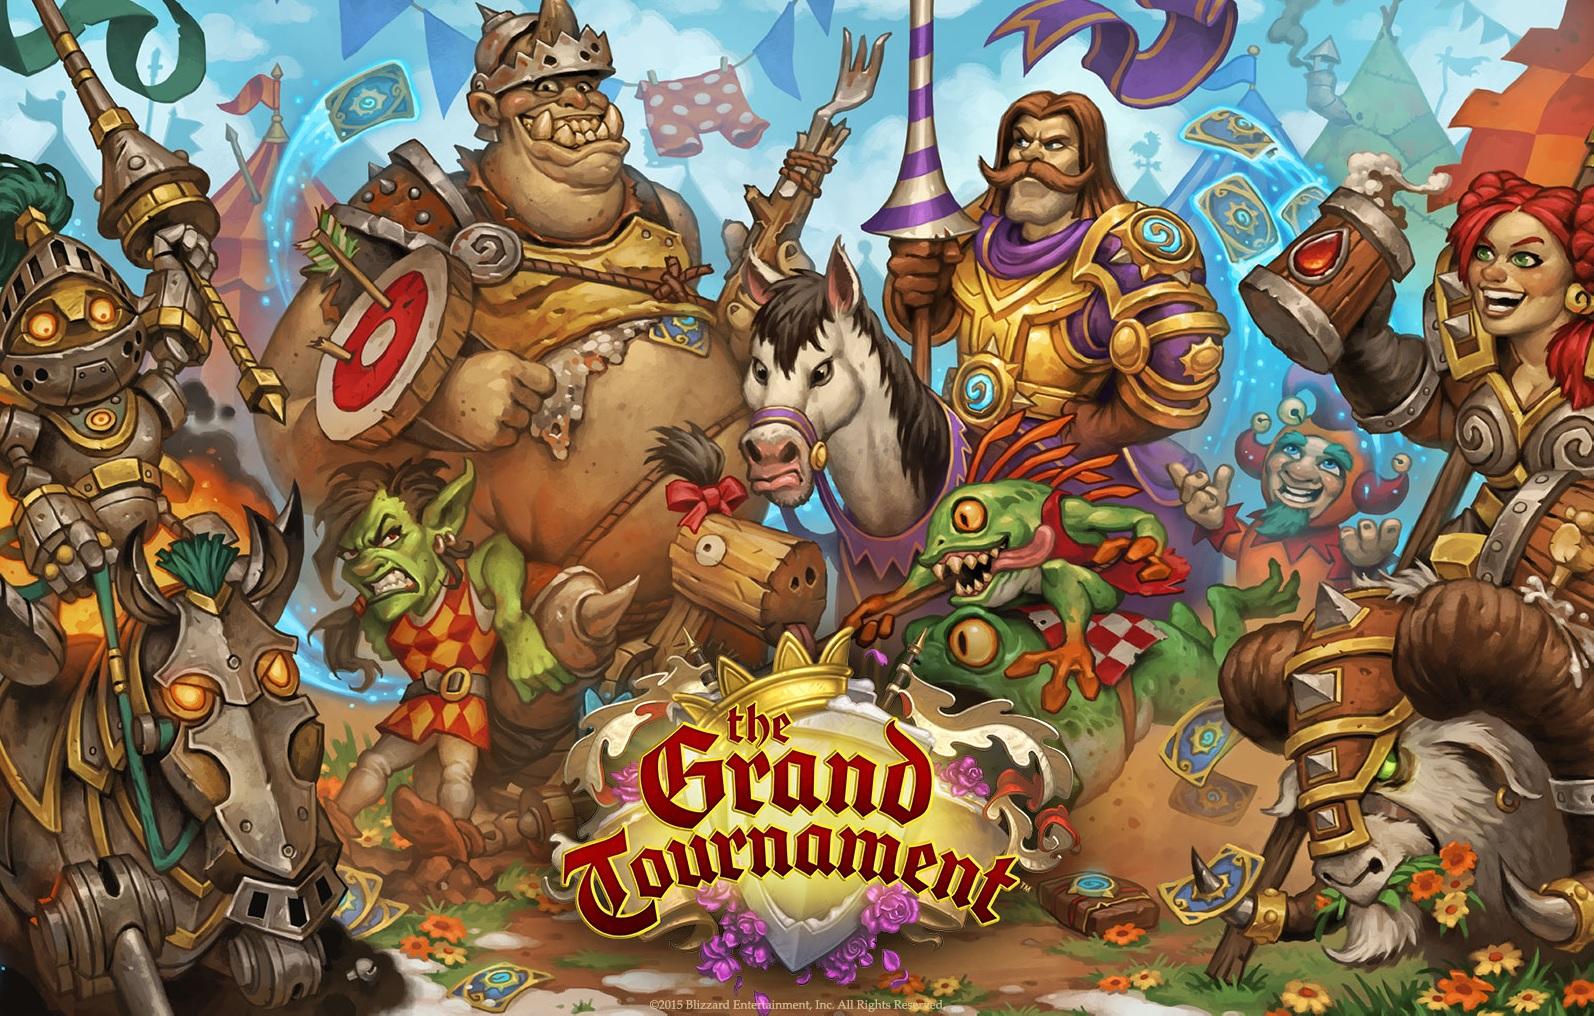 Das Große Turnier Hintergrund